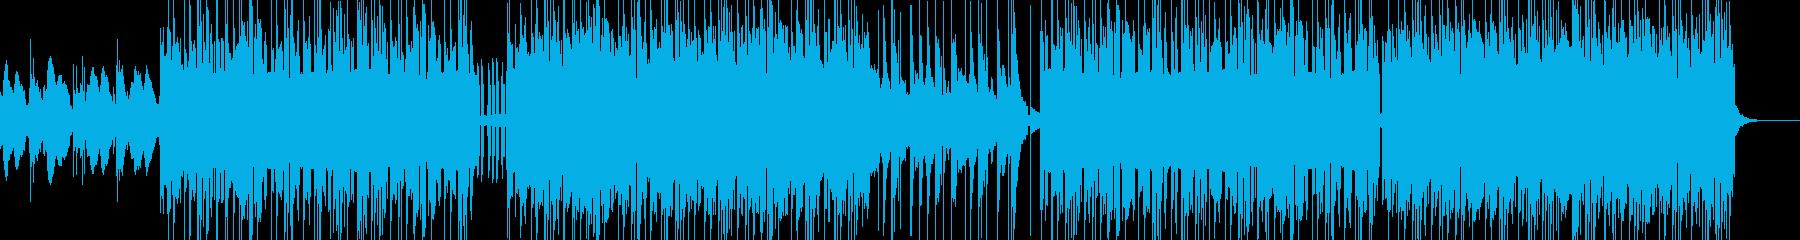 トラップ調のヒップホップの再生済みの波形